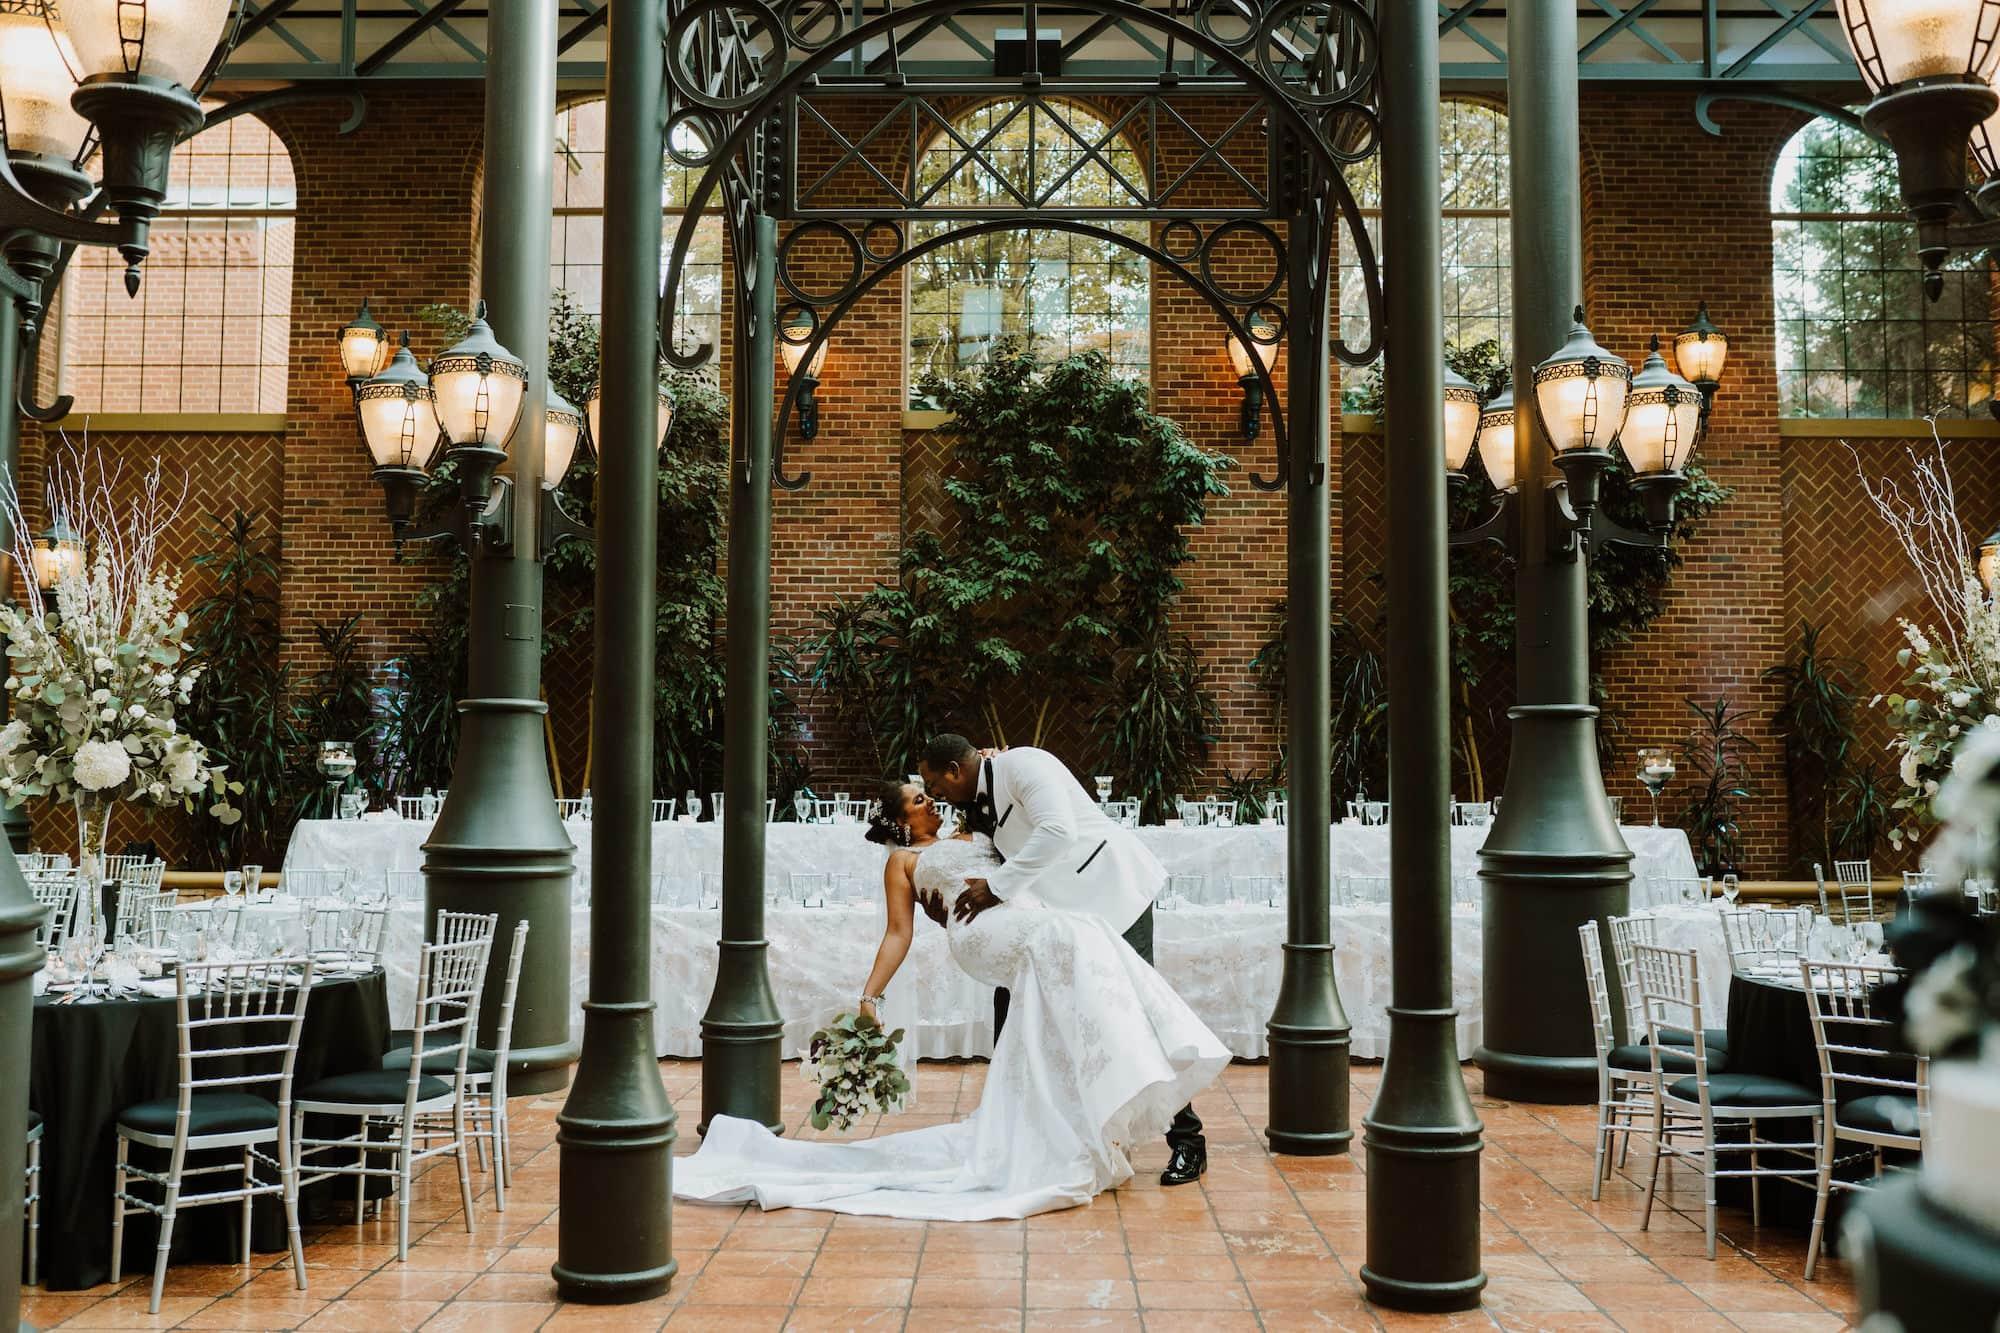 Inn at St John's Wedding